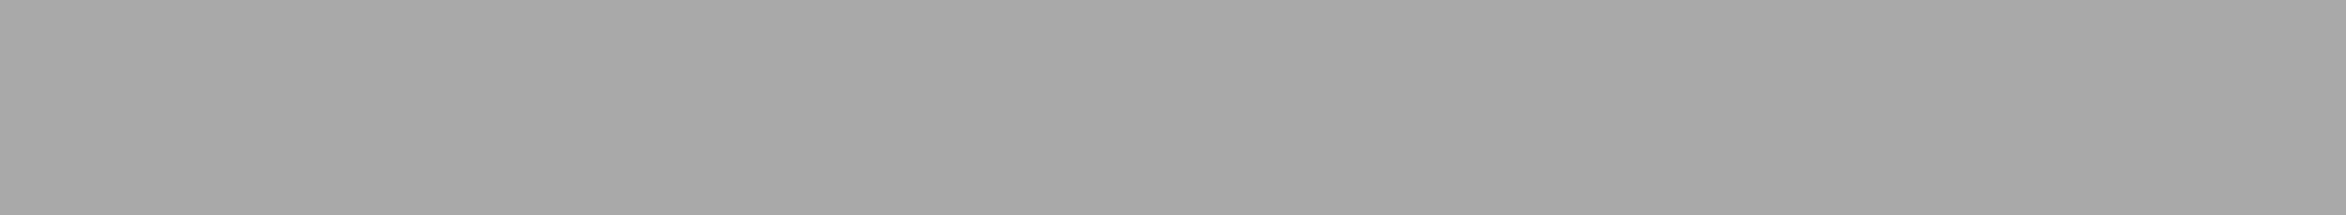 weingarten-realty-gray